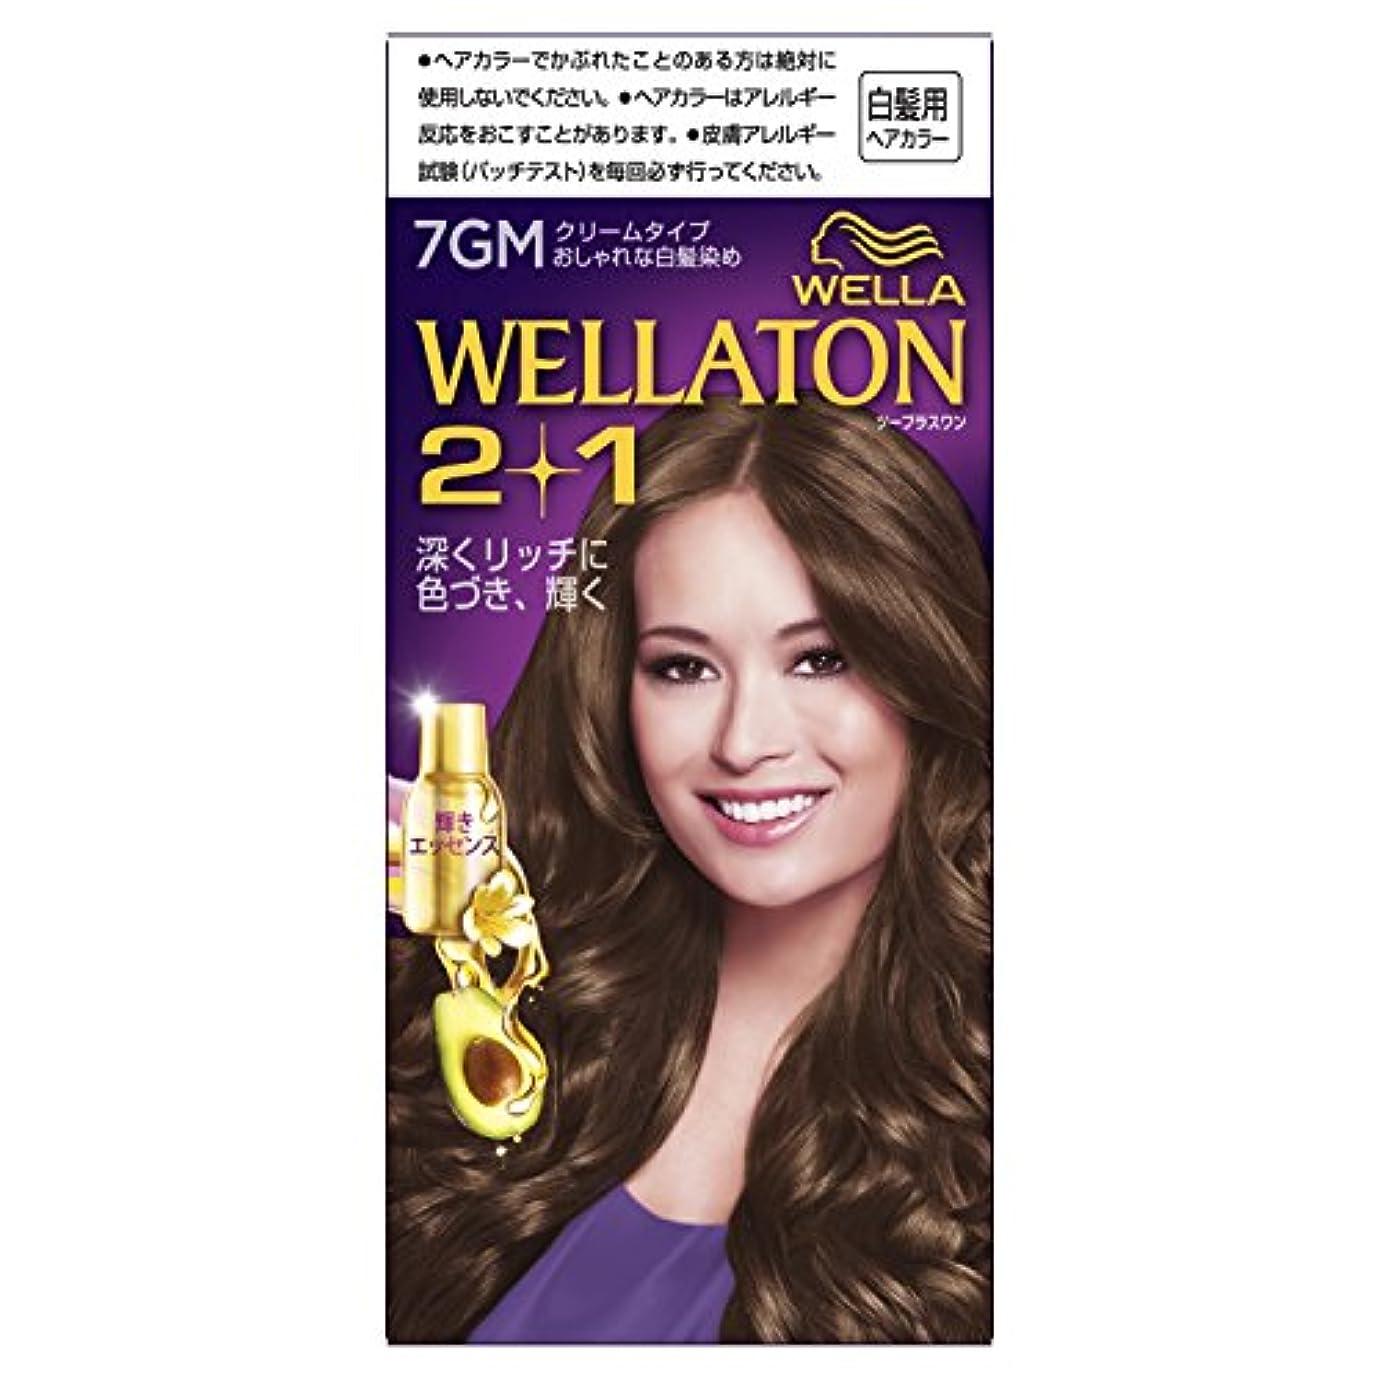 ウエラトーン2+1 クリームタイプ 7GM [医薬部外品](おしゃれな白髪染め)